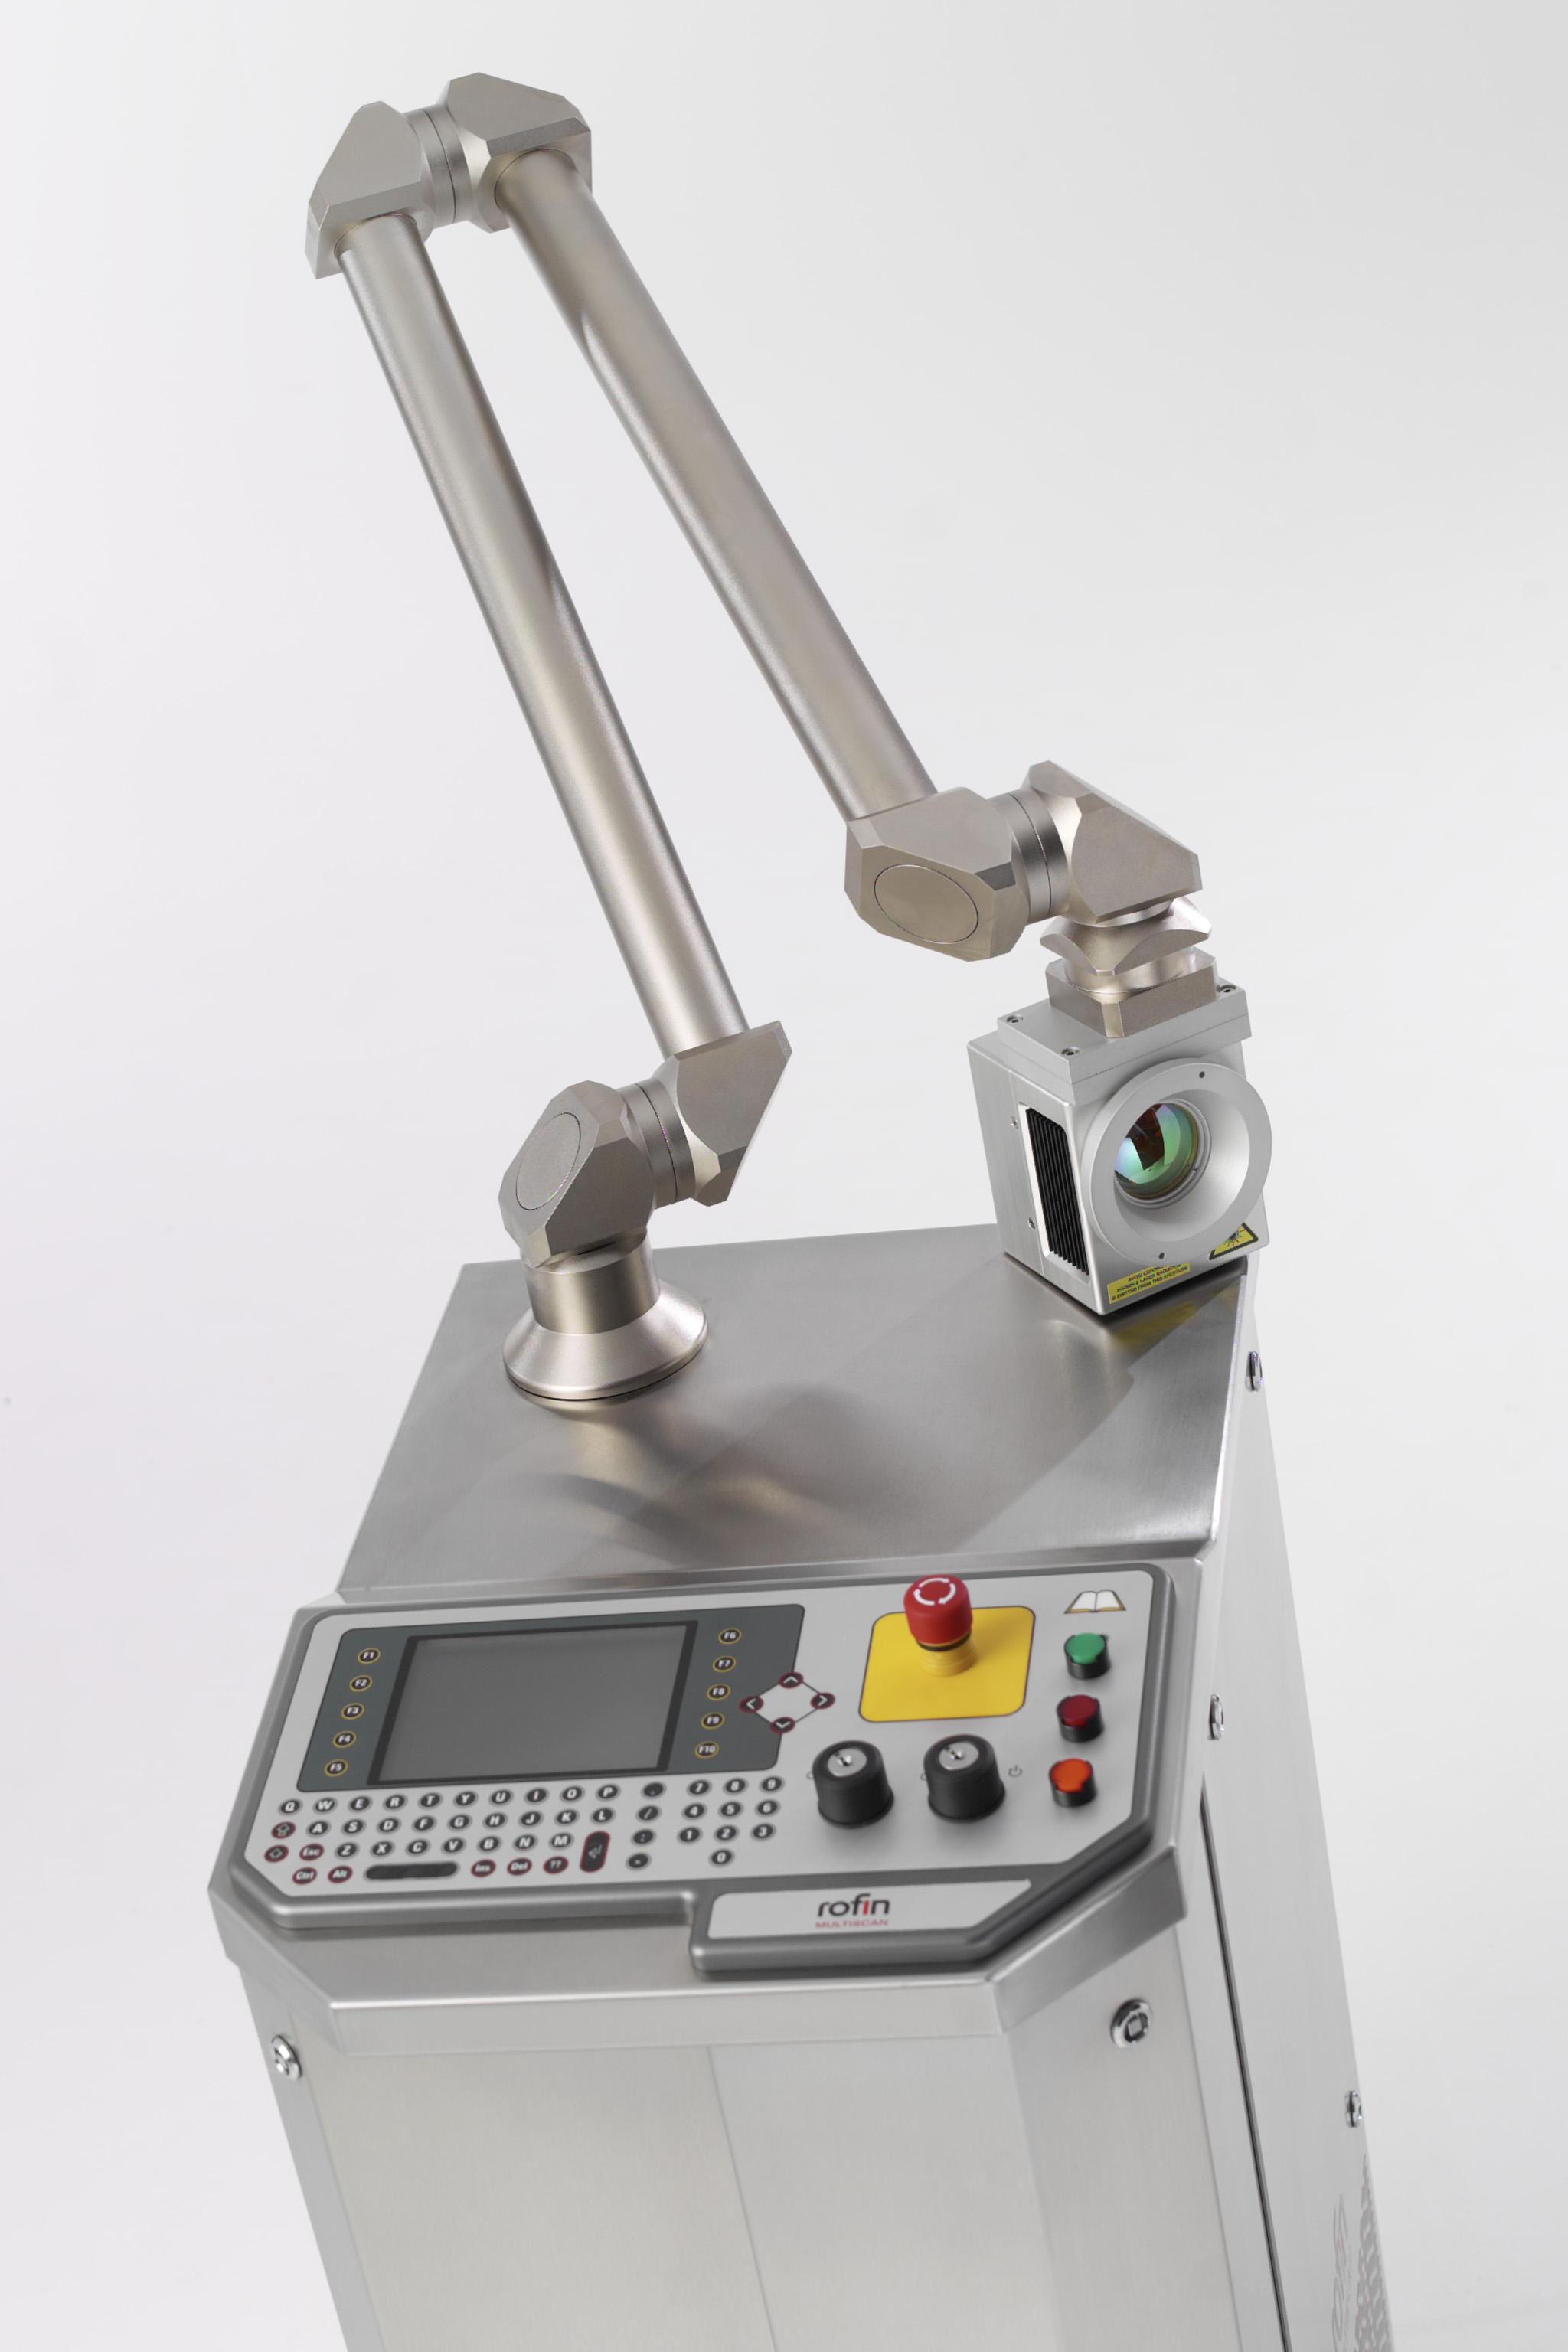 Rofin laser service